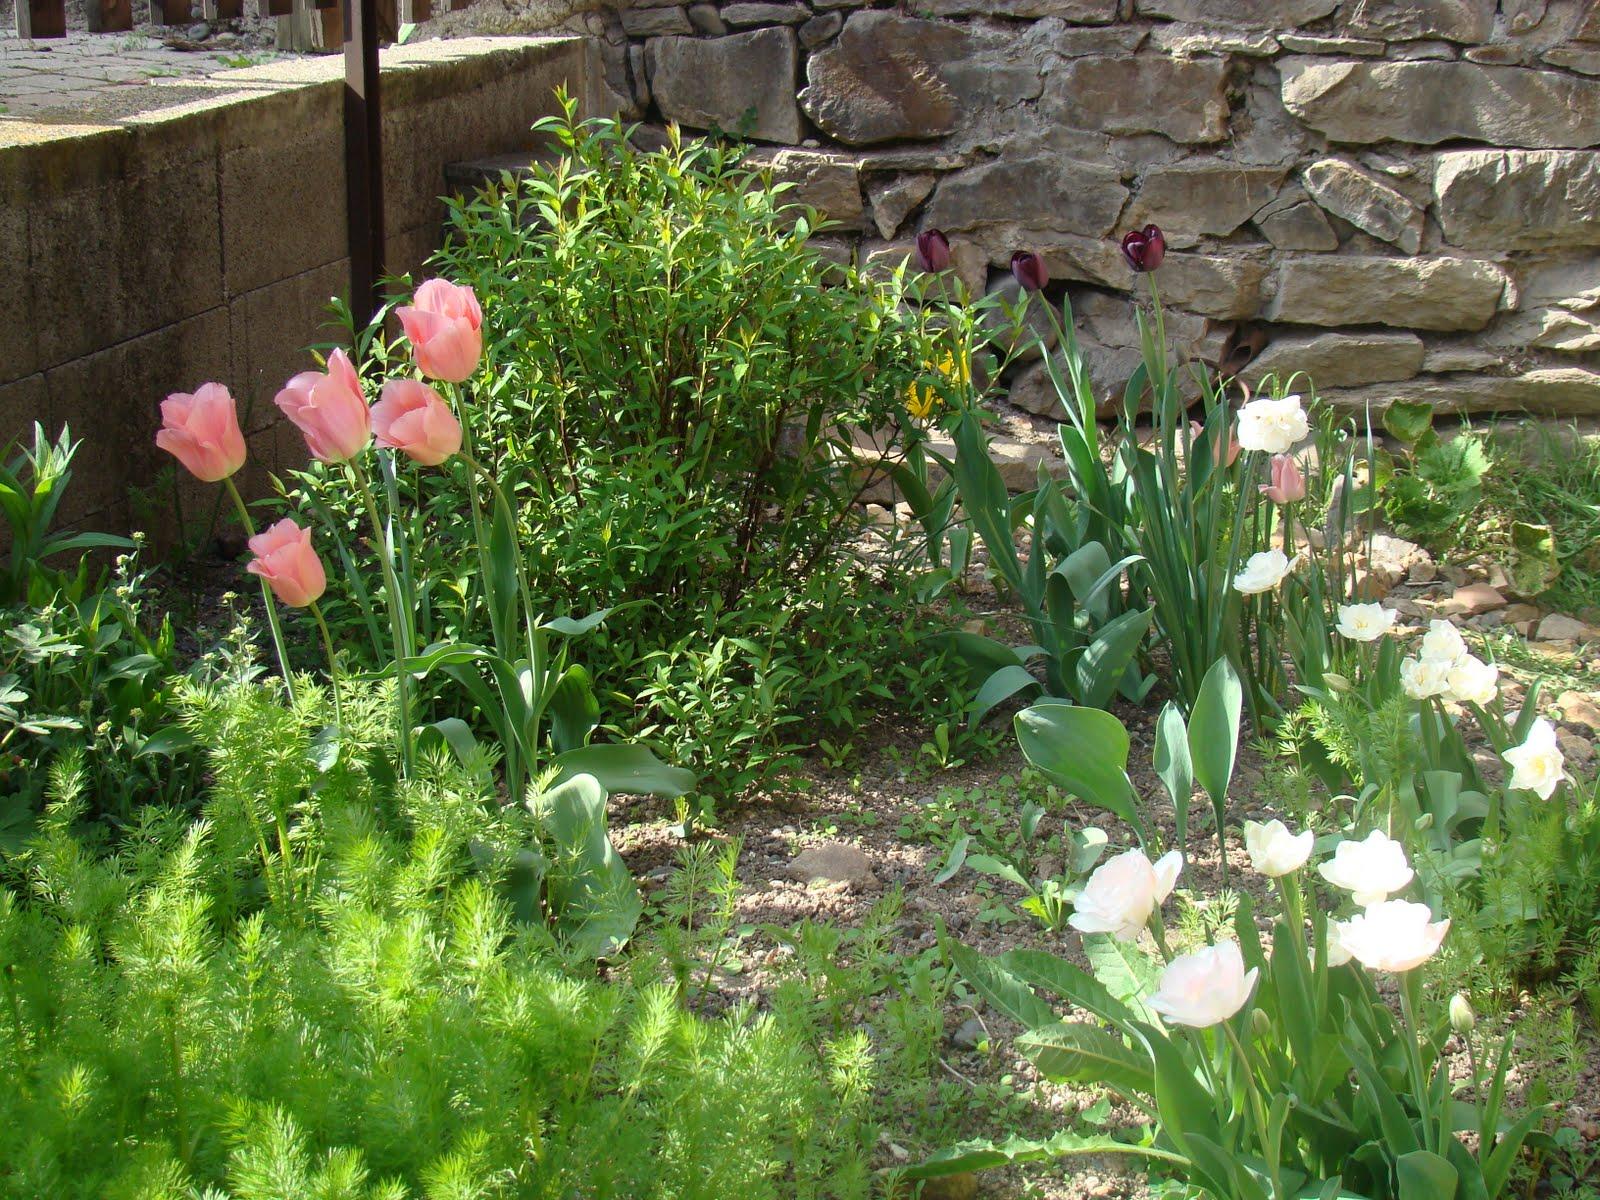 Le jardin de catherine les tulipes du jardin ce matin - Le jardin de catherine com ...